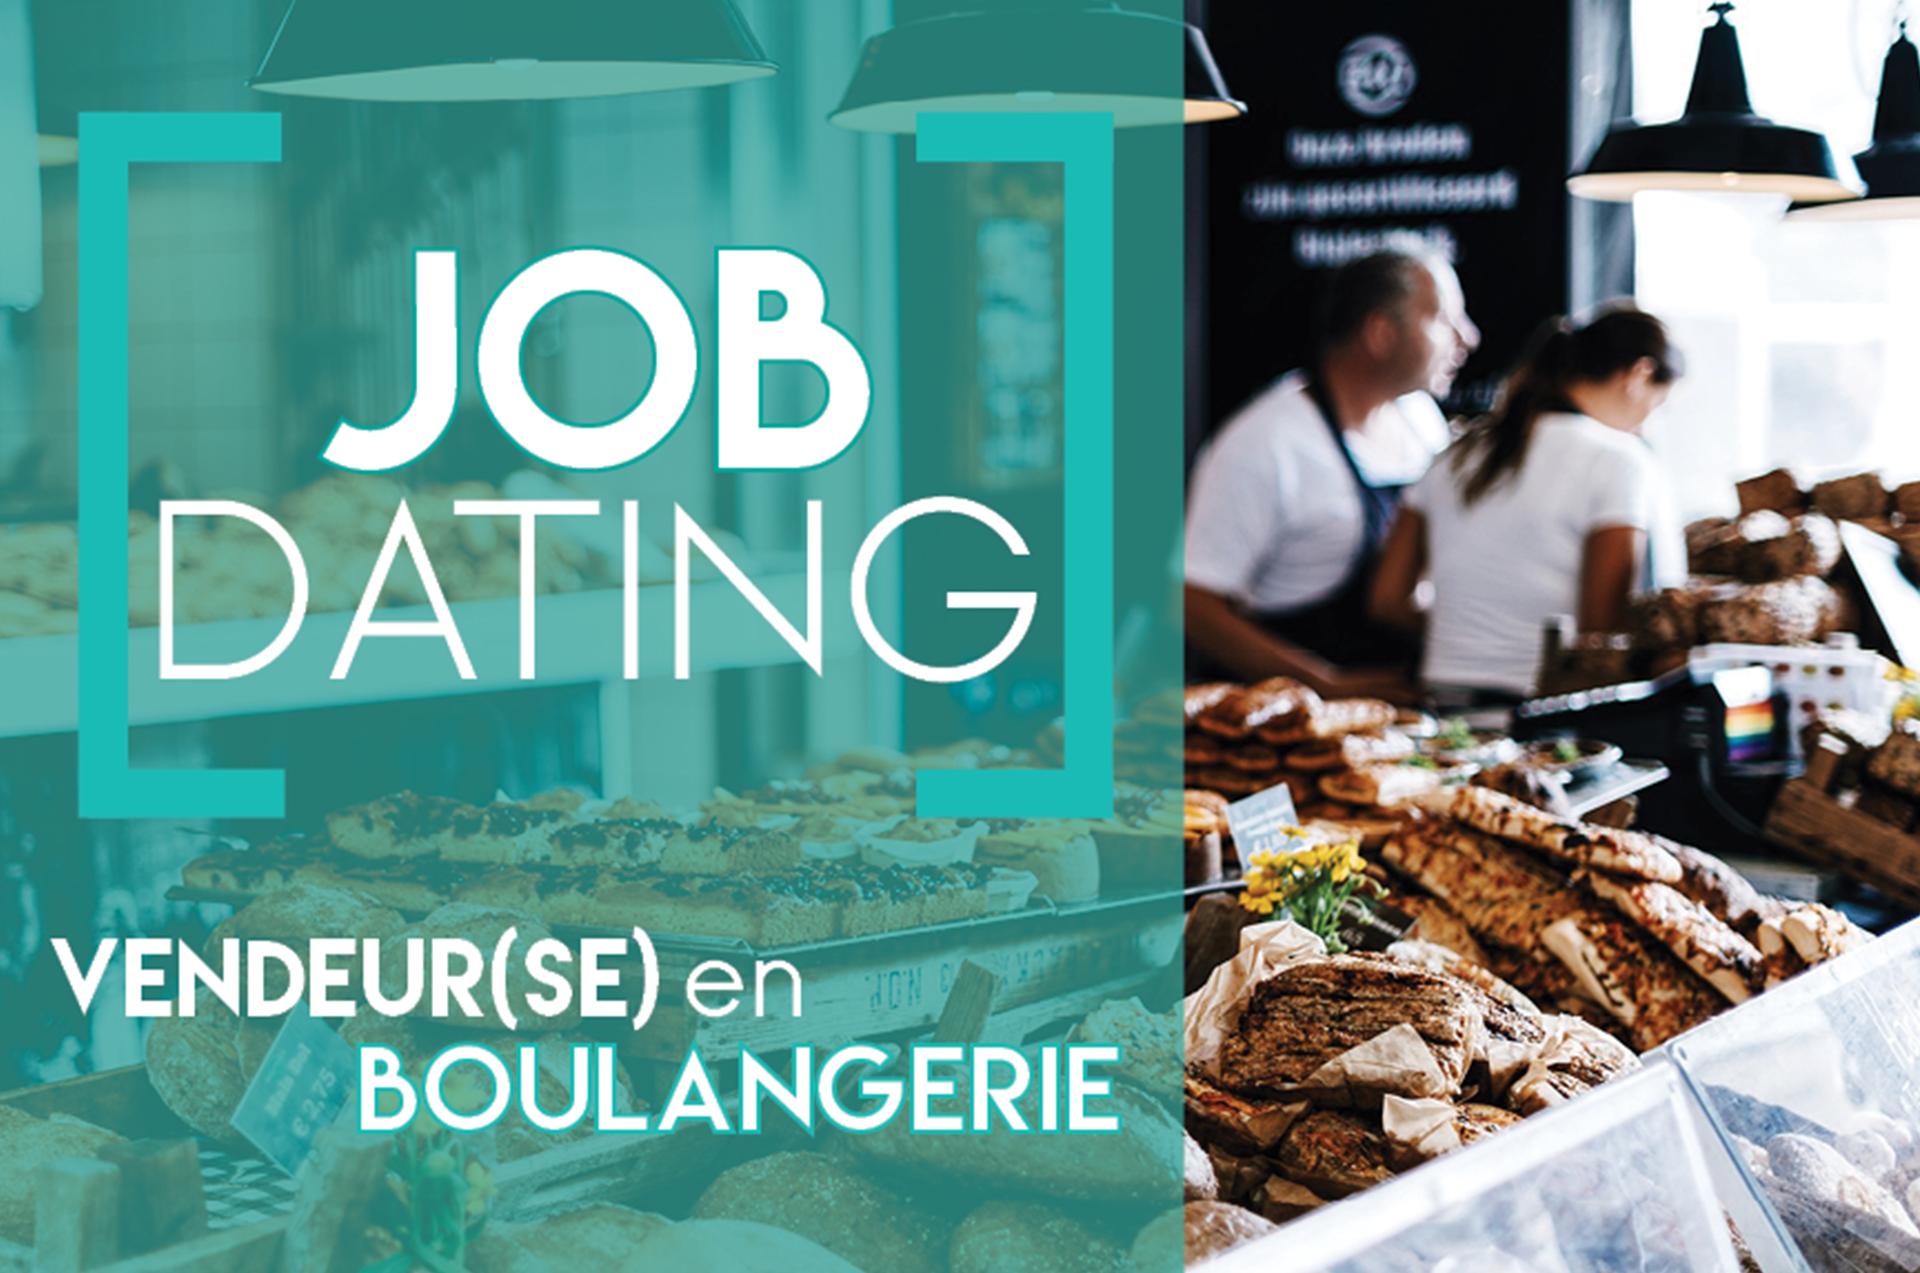 vandeco-job-dating-formation-vendeuse-boulangerie-nancy